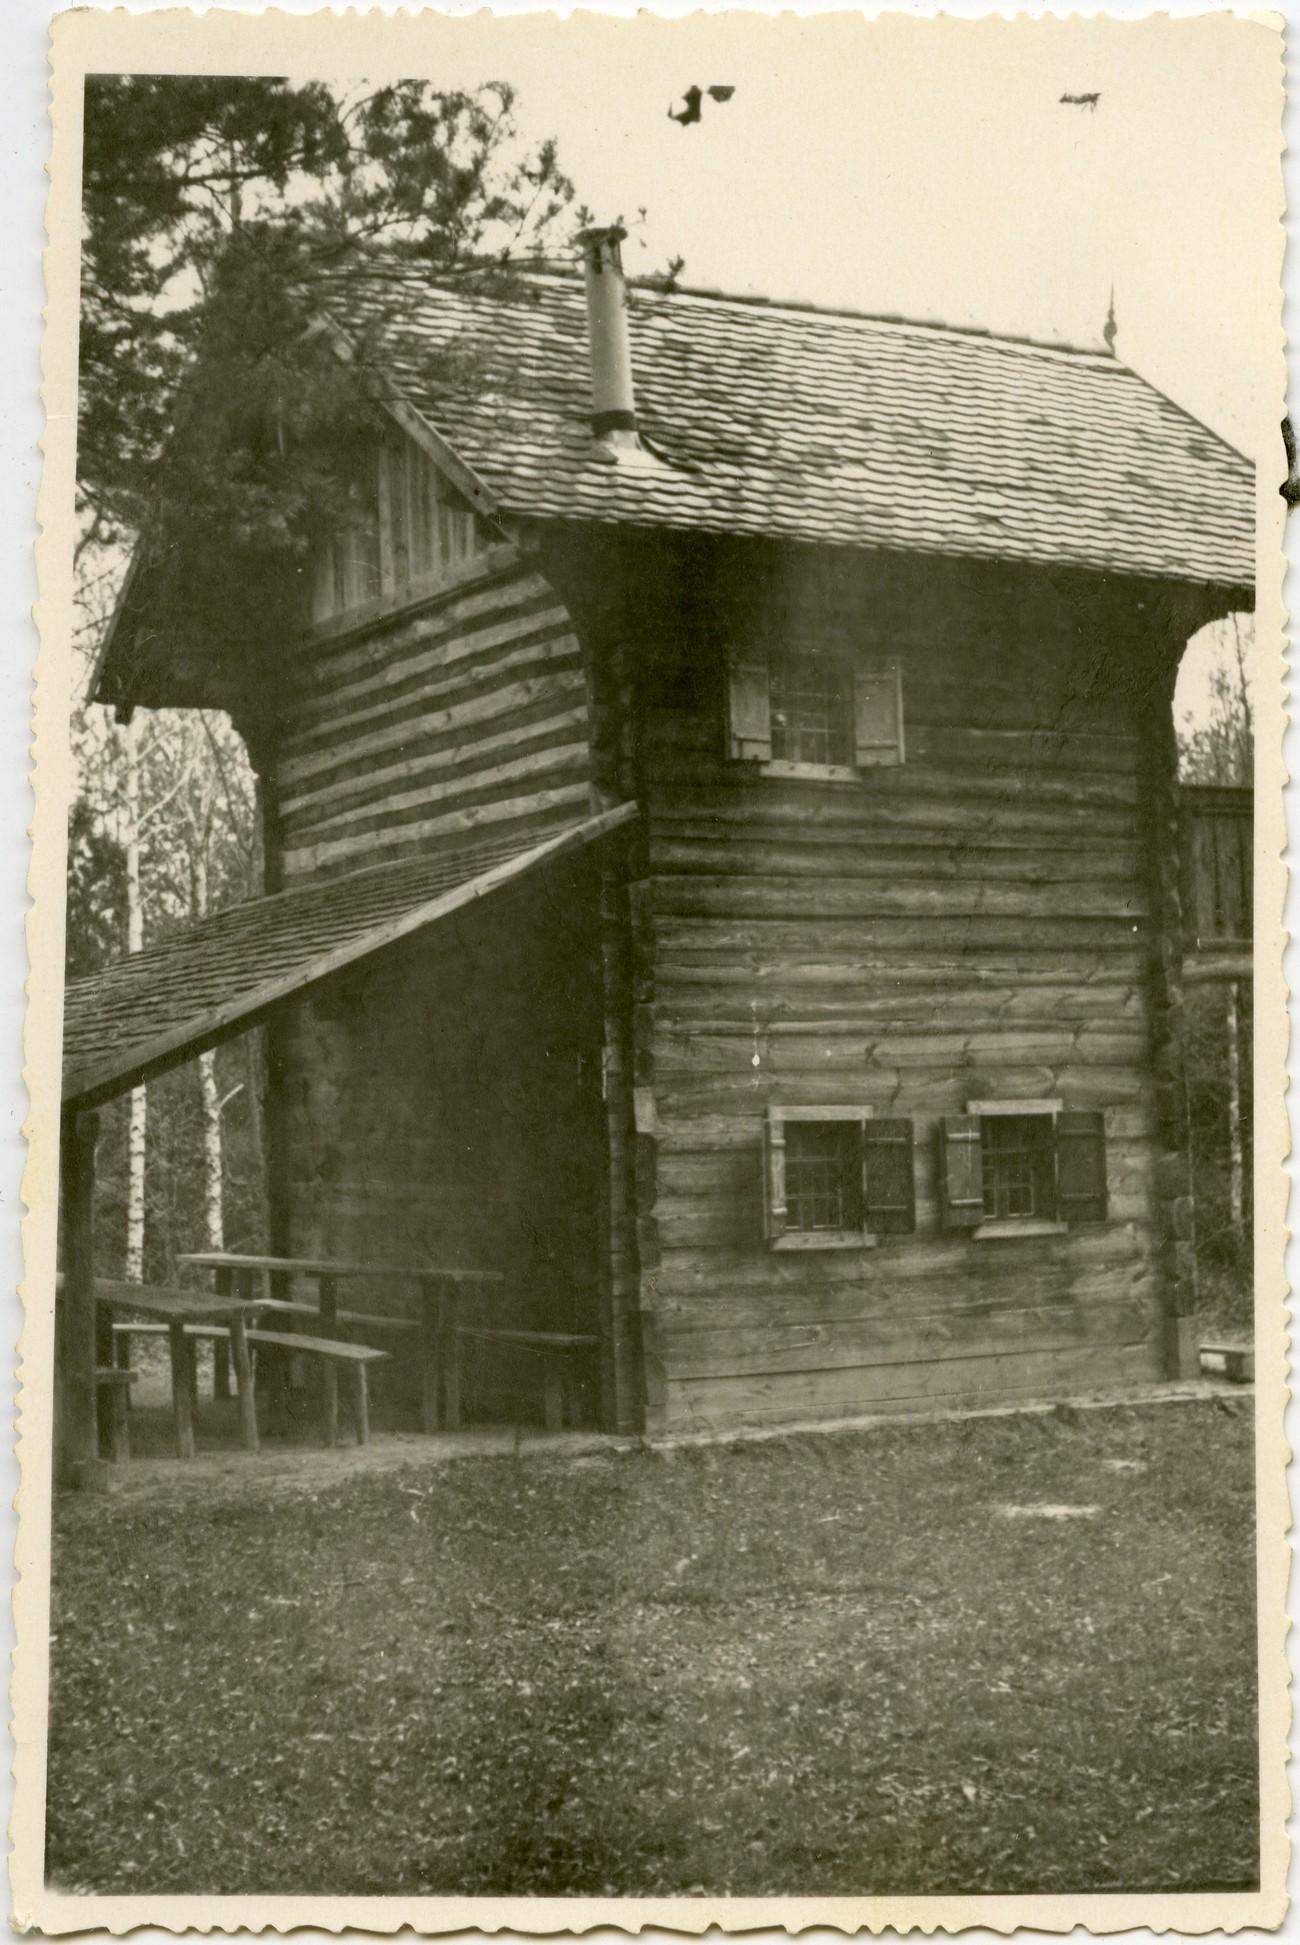 Voglerjeva koča v Bukovnici, kjer je v začetku leta 1945 bivala Prekmurska četa. PMMS.